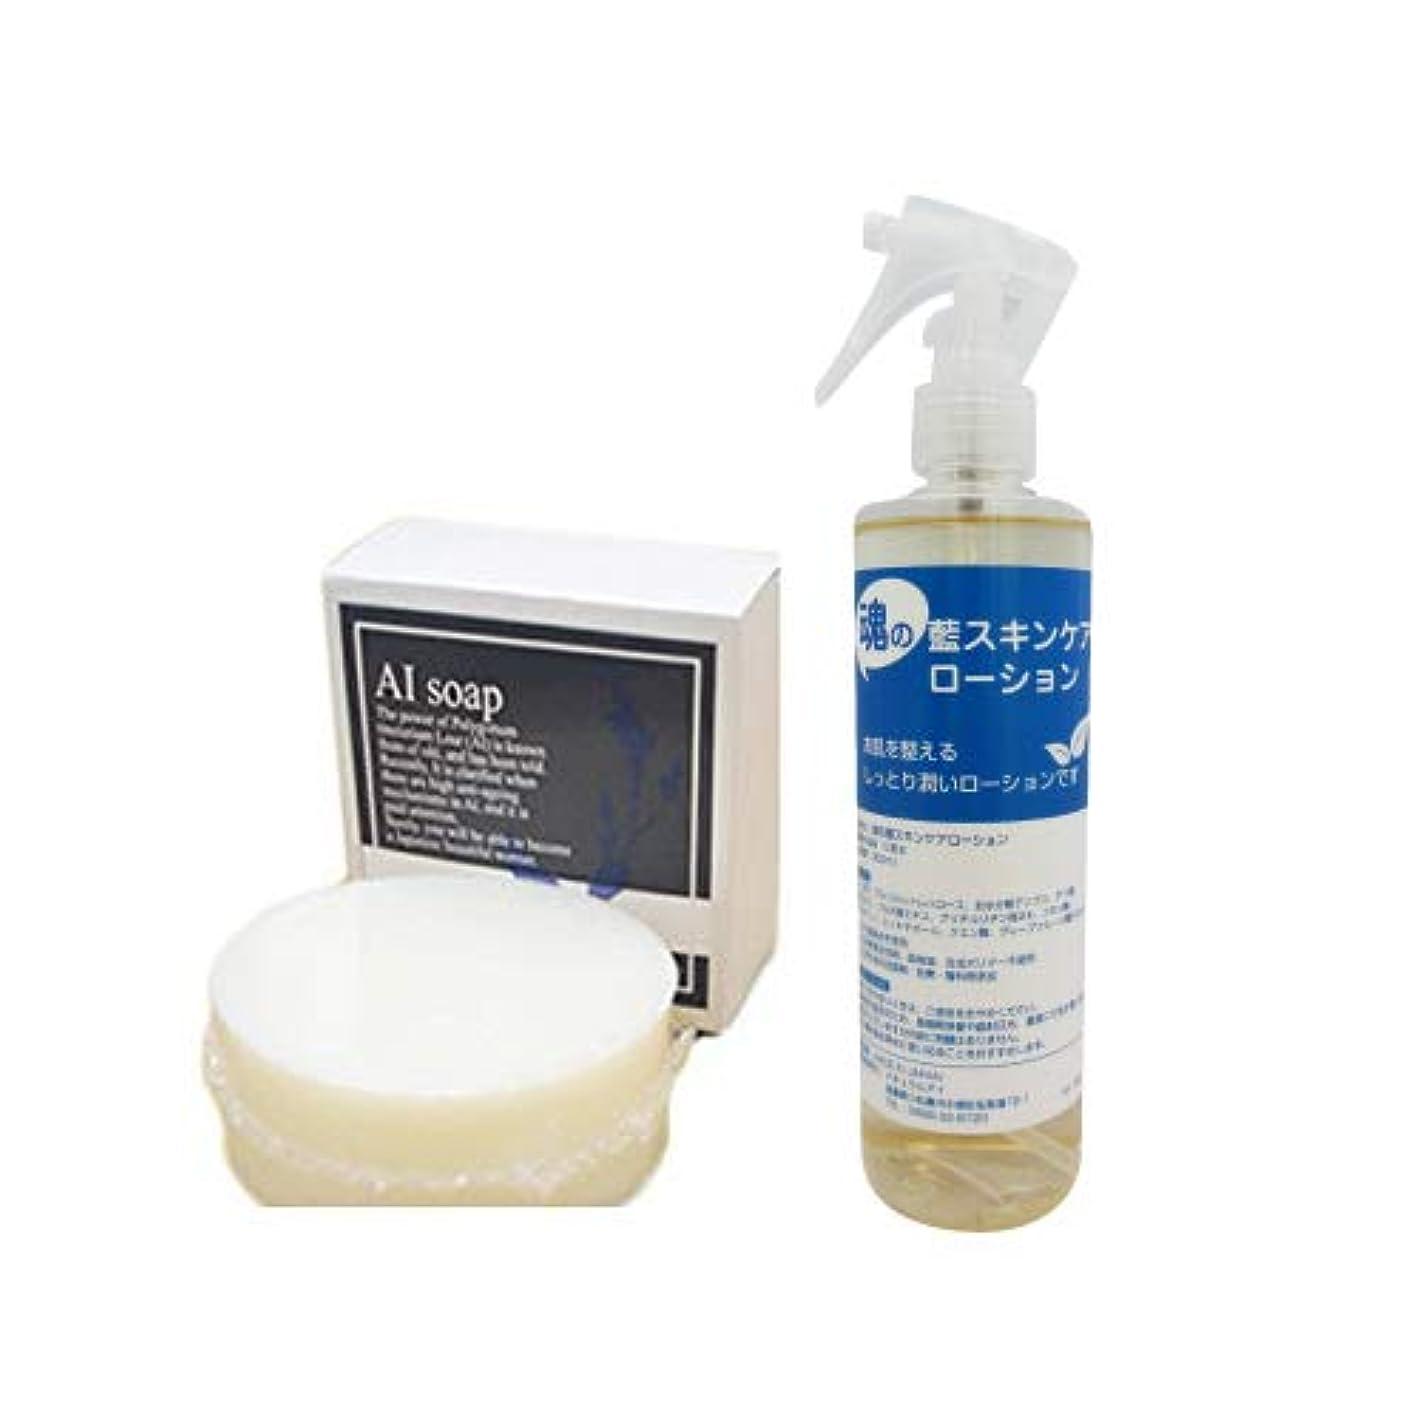 つぶやきみなさん無意識藍石鹸(AIソープ)100g+藍スキンケアローション300mlセット 美肌の「藍」セット(無添加ノンケミカル)肌乾燥?肌トラブルにおススメ